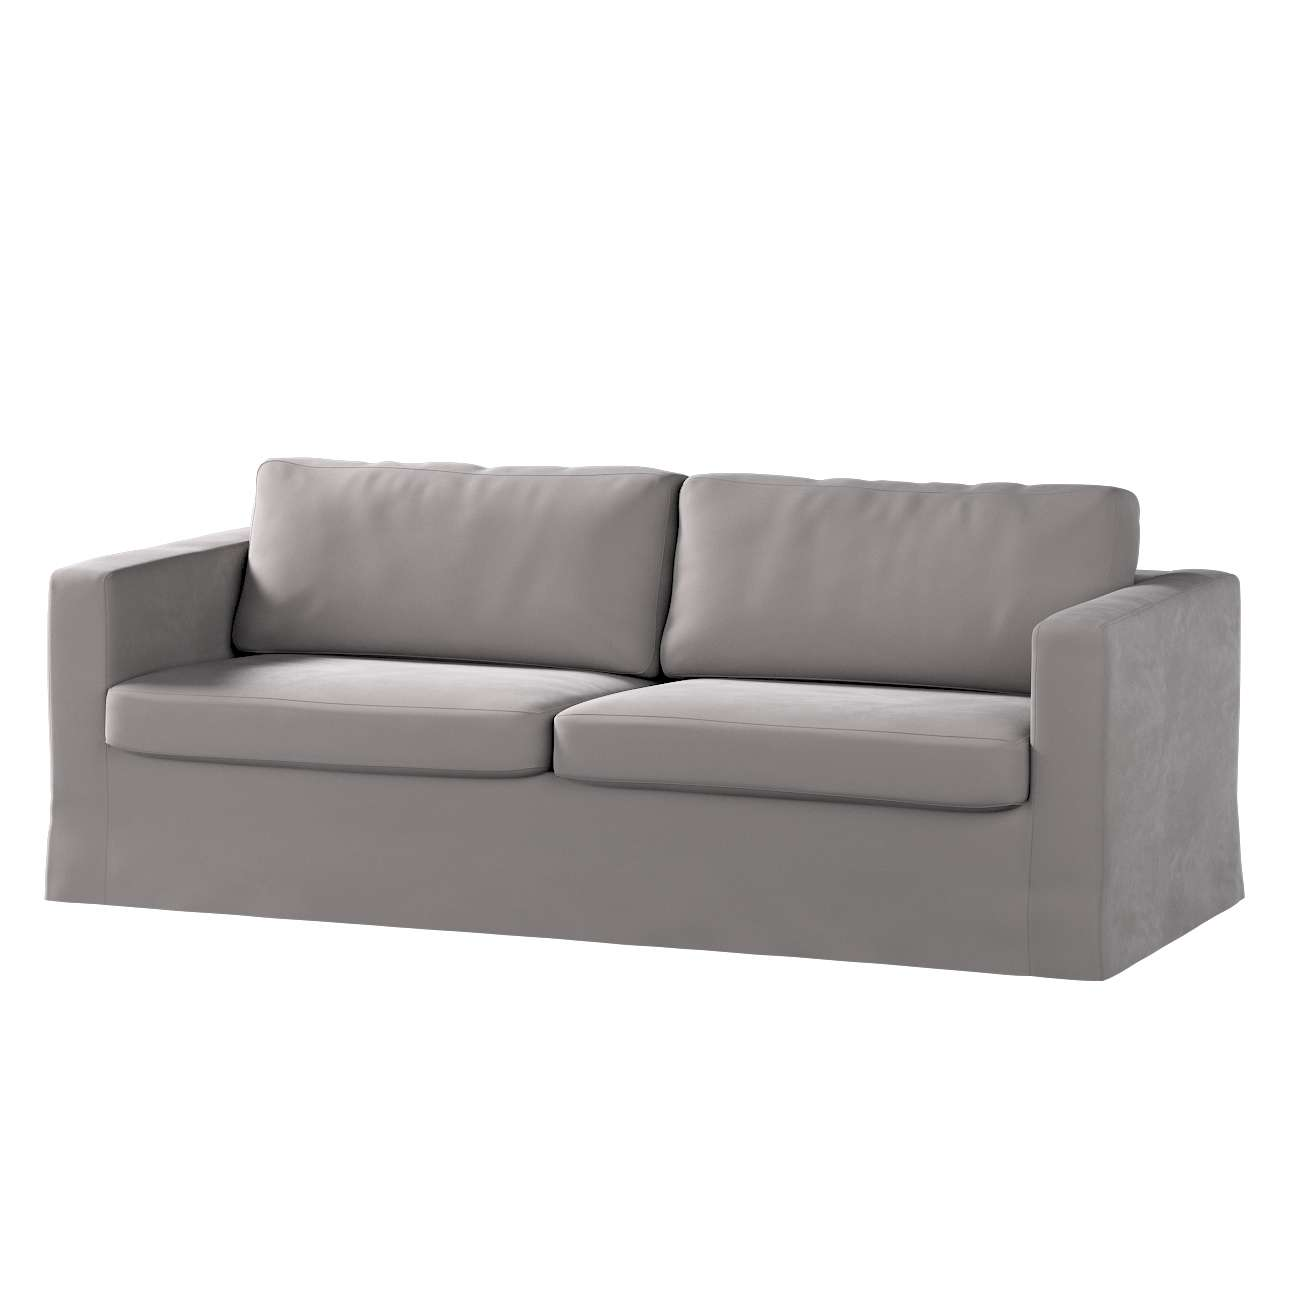 Pokrowiec na sofę Karlstad 3-osobową nierozkładaną, długi w kolekcji Velvet, tkanina: 704-11